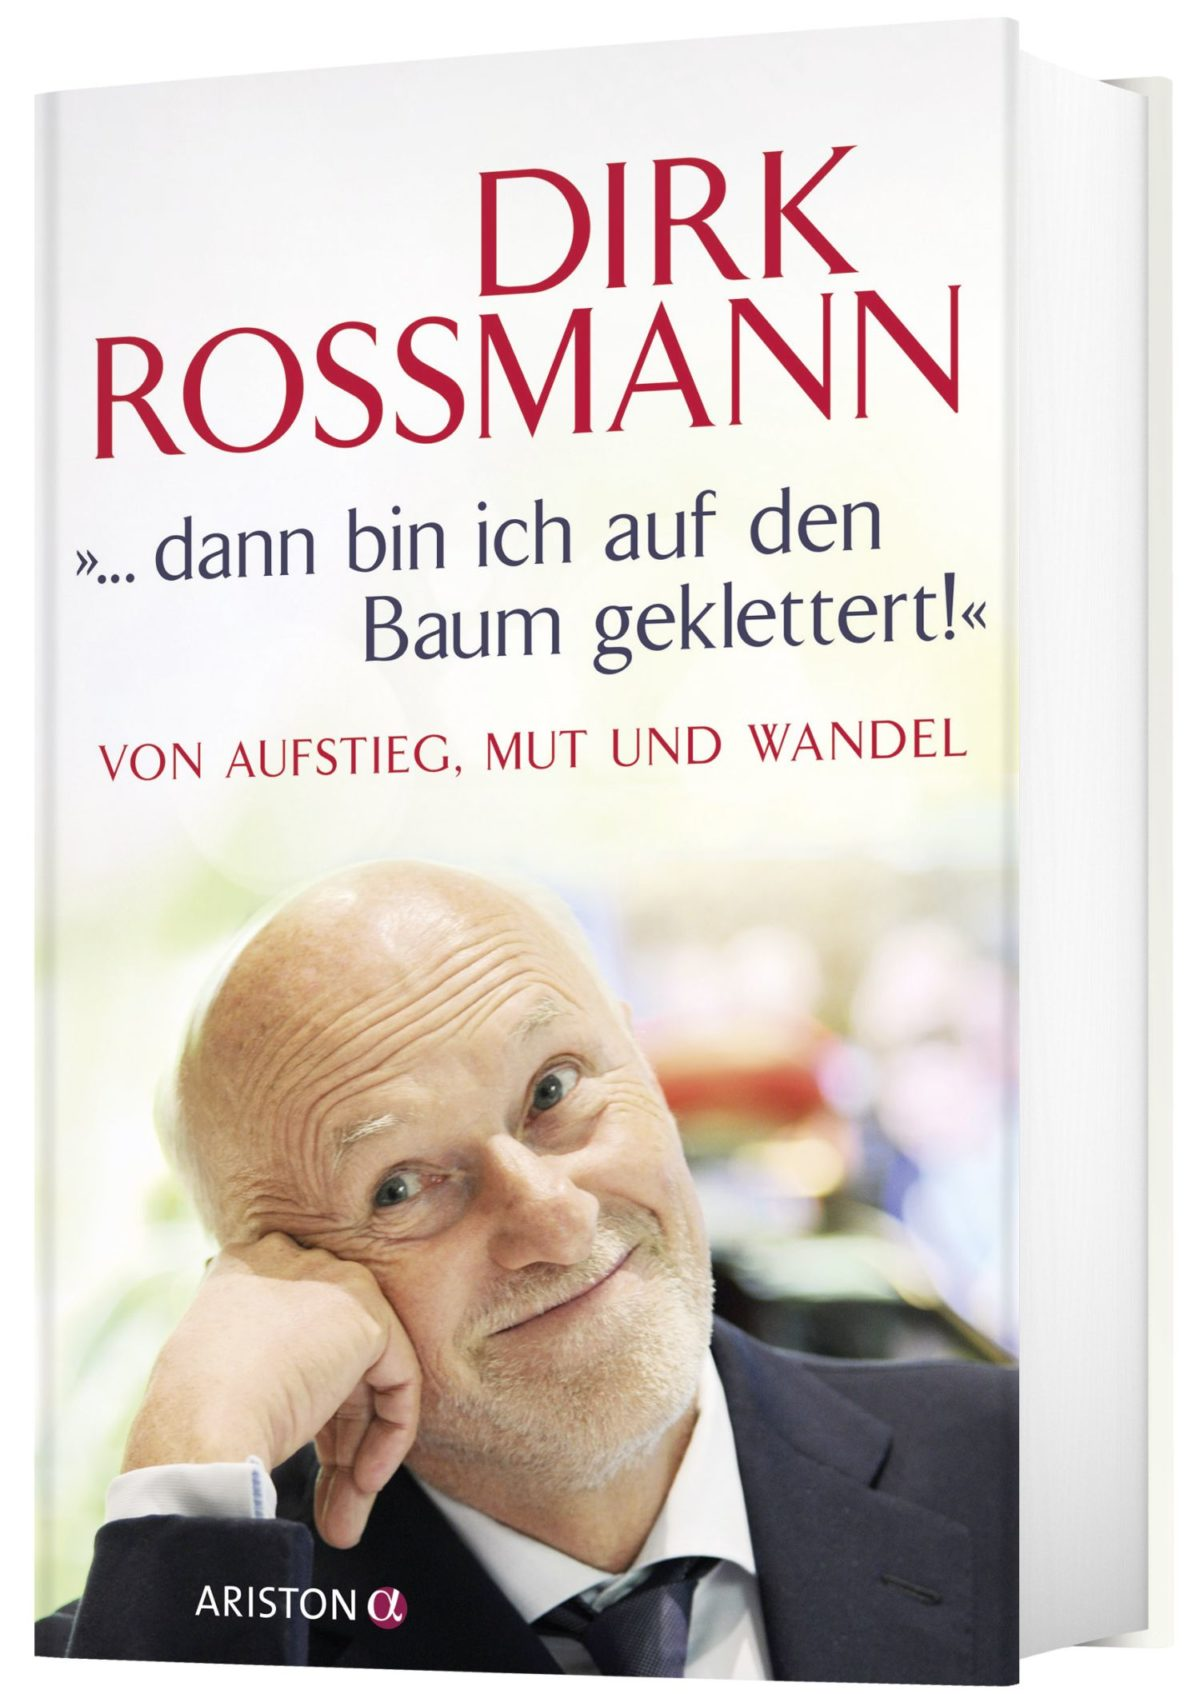 Dirk Roßmann spendet 30.000 Euro